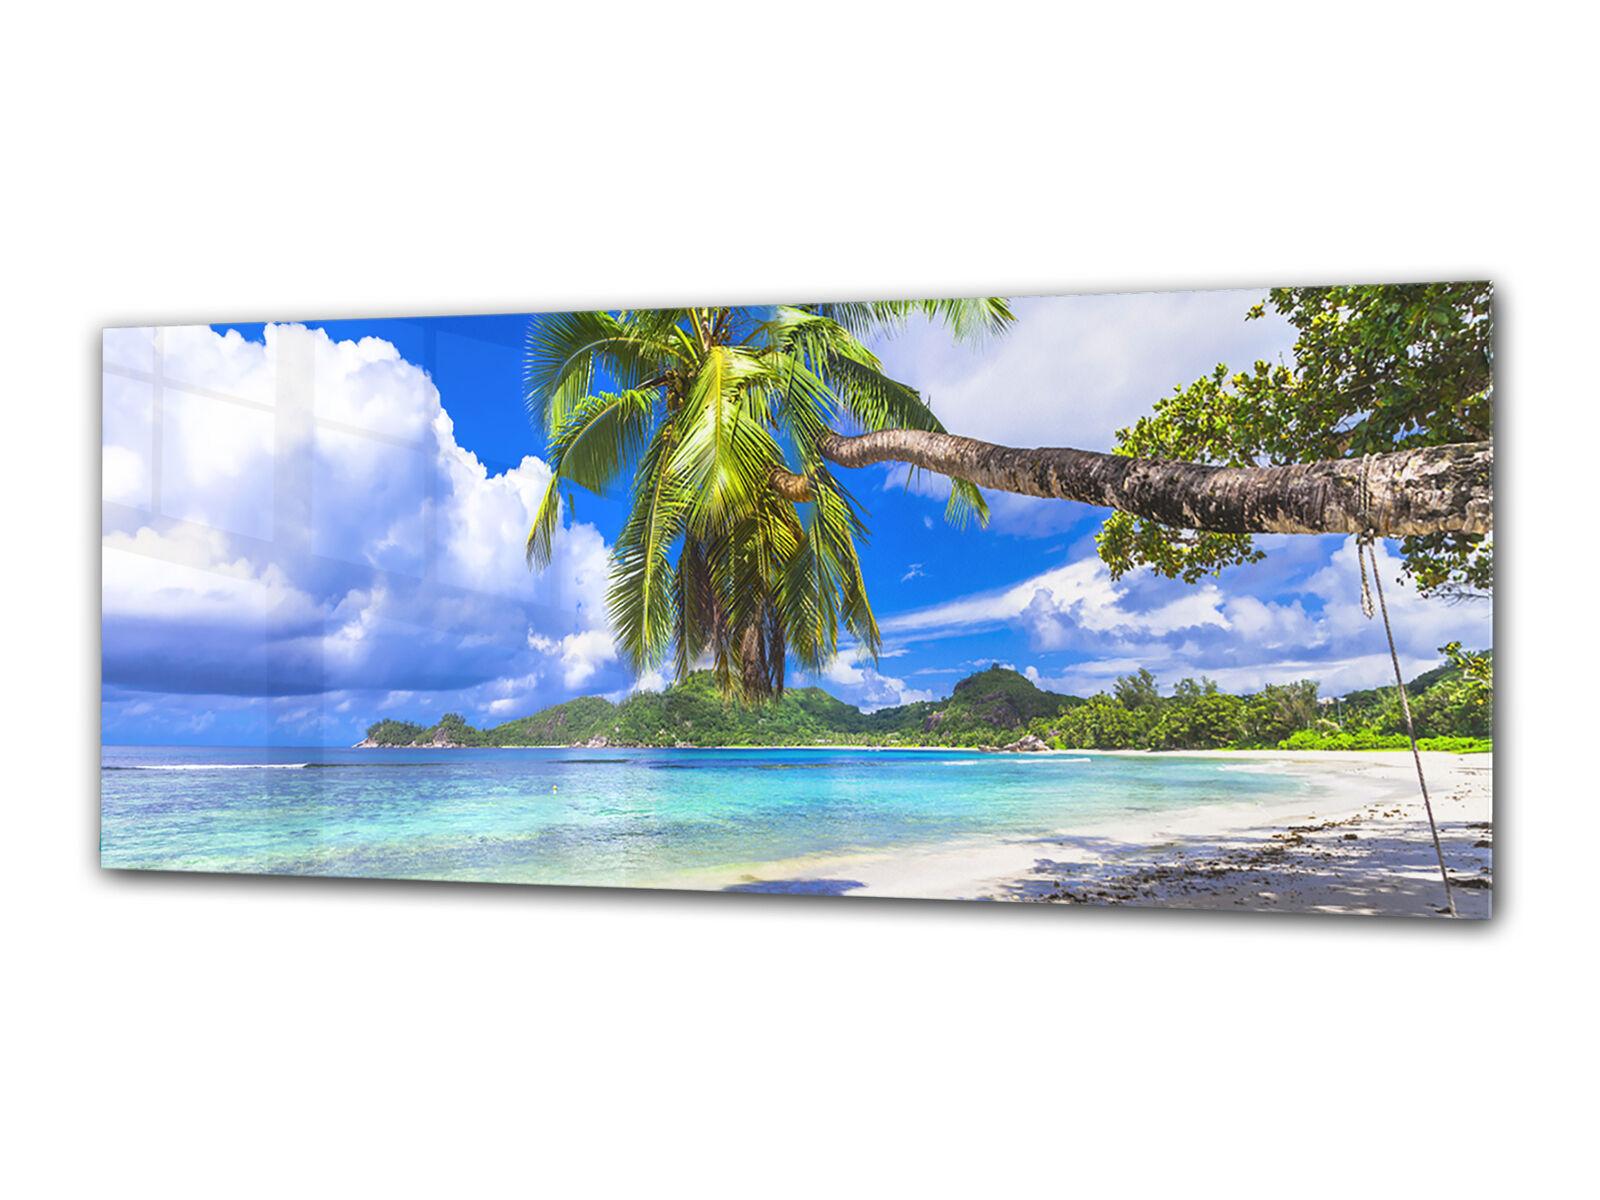 Verre Imprimer Wall Art 125x50 Cm Image sur Verre Déco Mur Photo 86339538